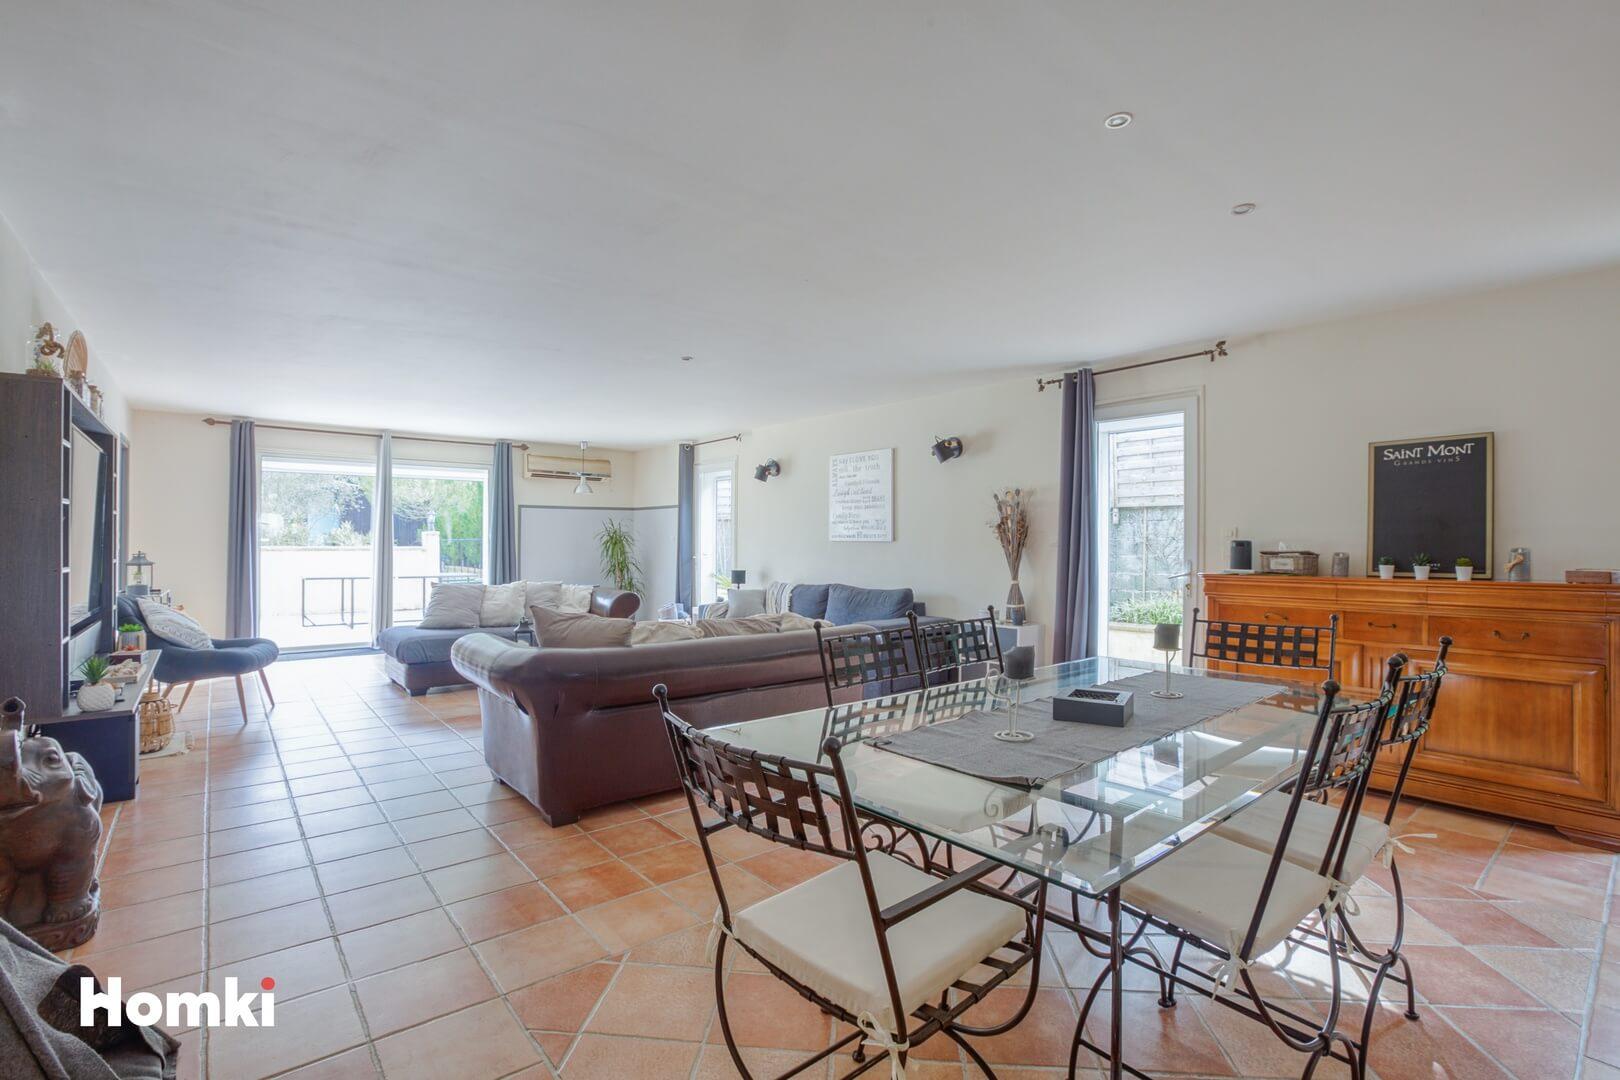 Homki - Vente Maison/villa  de 350.0 m² à Auch 32000